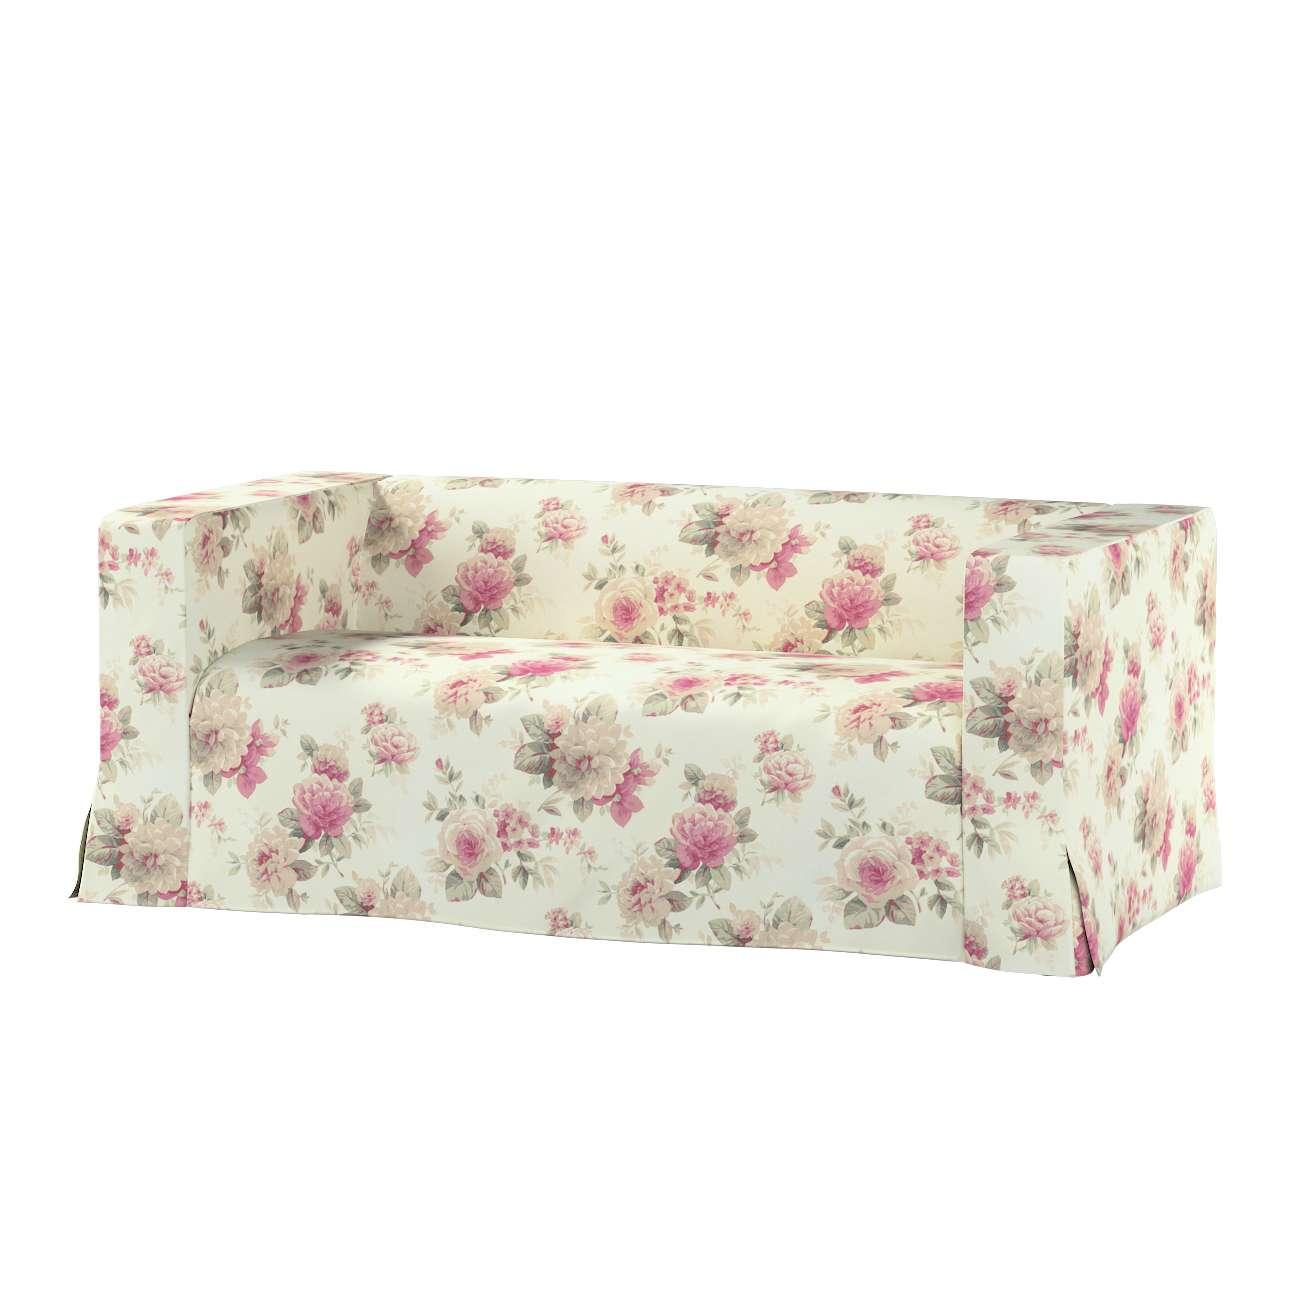 Klippan dvivietės sofos užvalkalas (ilgas, iki žemės) Klippan dvivietės sofos užvalkalas (ilgas, iki žemės) kolekcijoje Mirella, audinys: 141-07